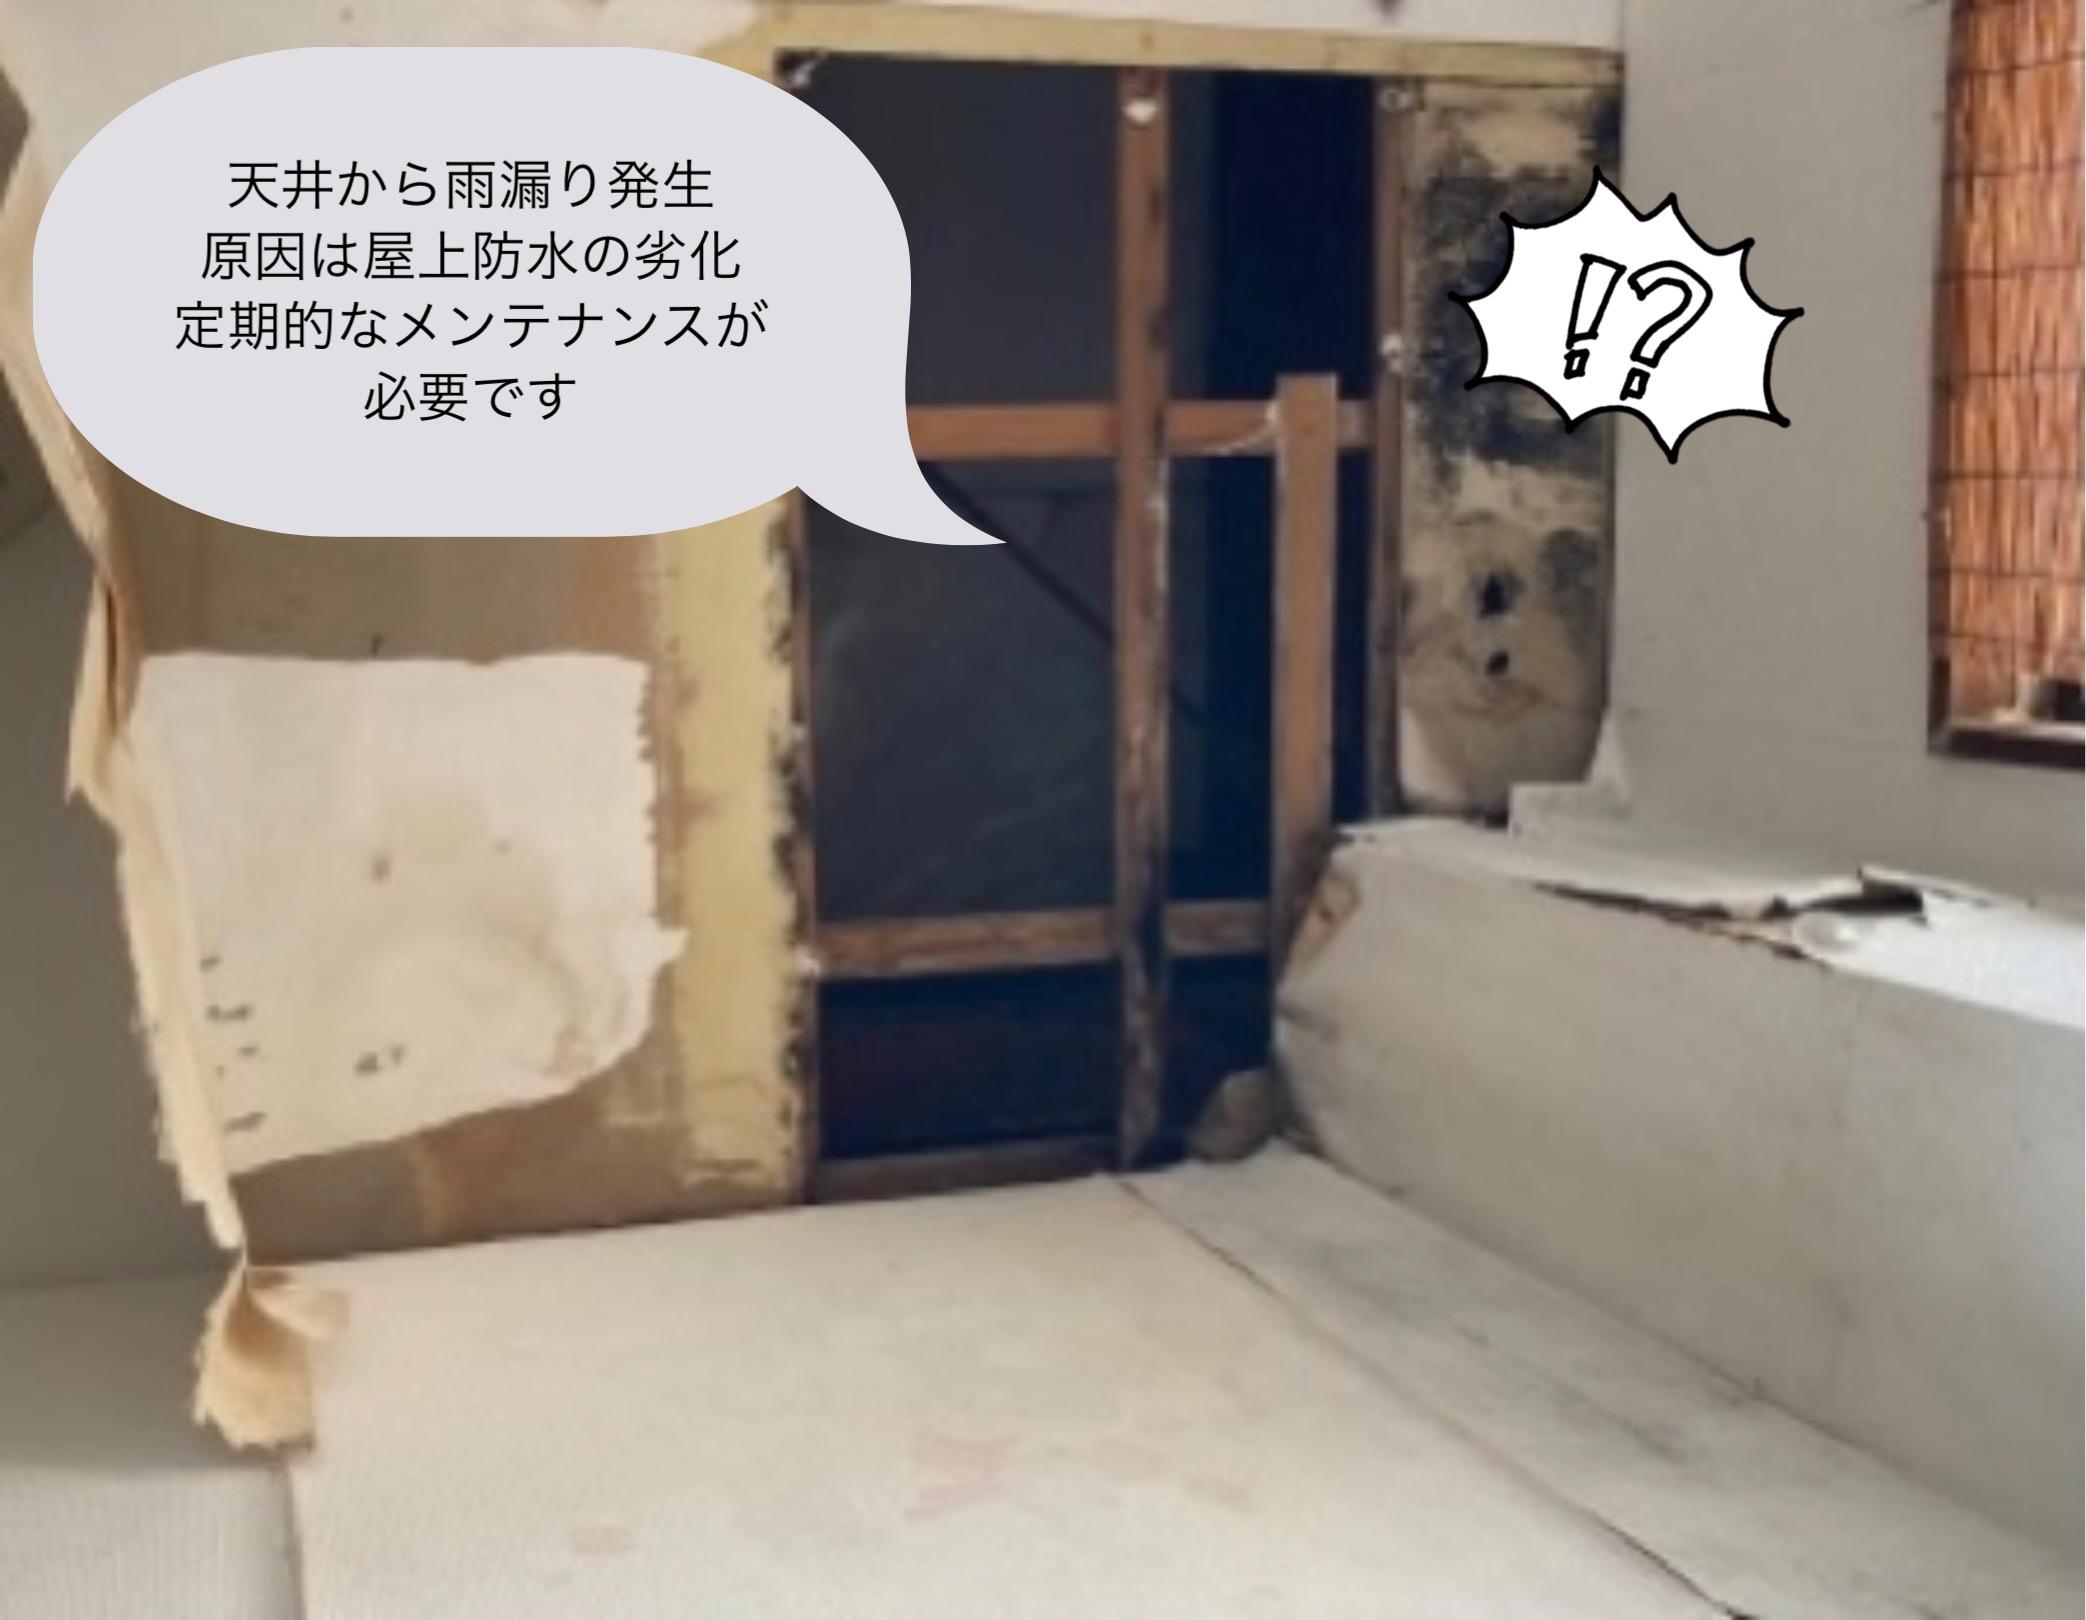 天井の剥がれ 雨漏り事例